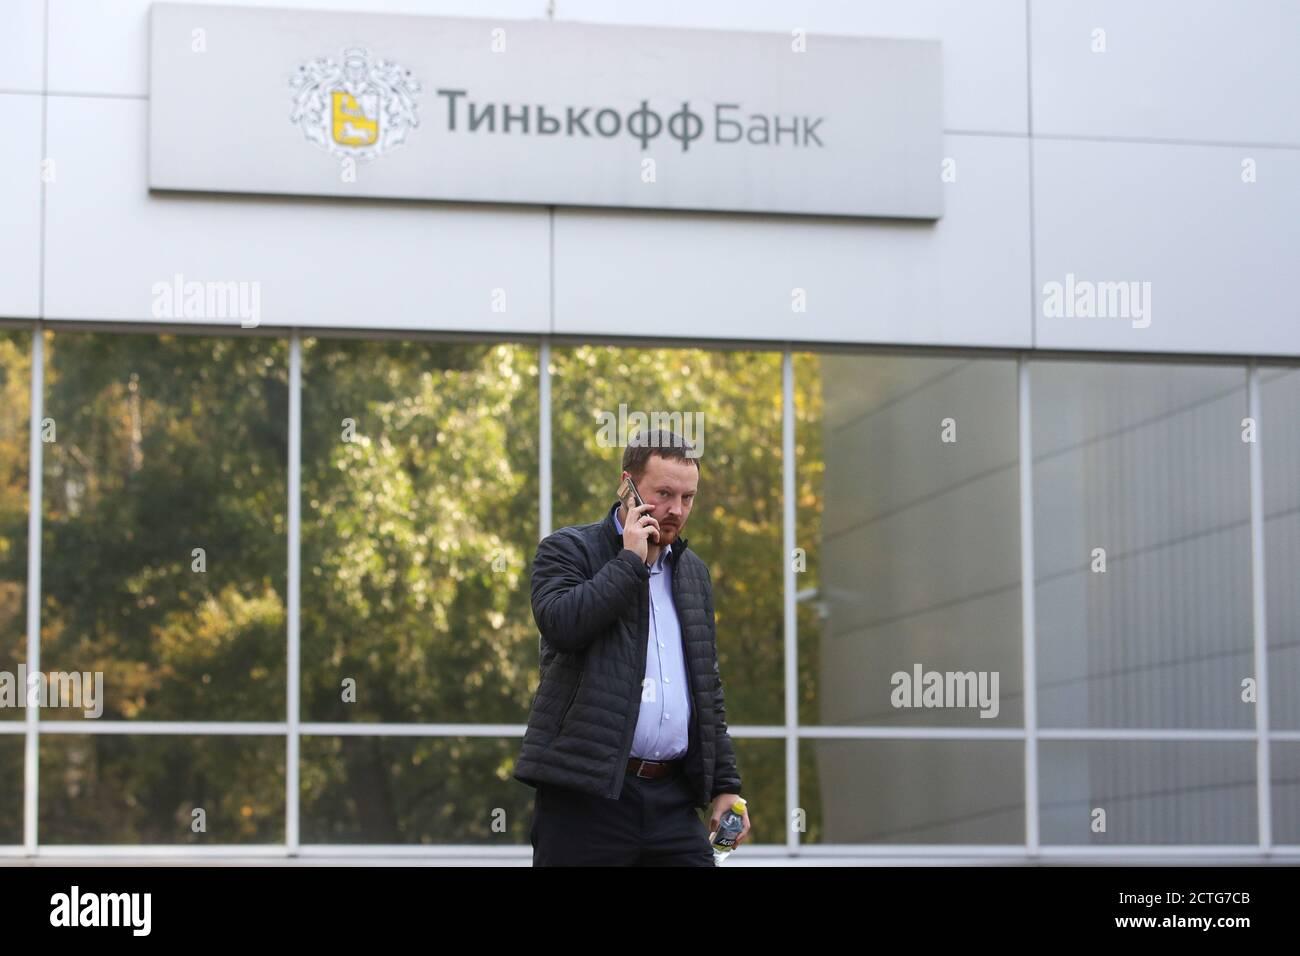 Moscou, Russie. 23 septembre 2020. Un homme se tient à l'extérieur d'une succursale de la Tinkoff Bank. Yandex est actuellement en pourparlers avec TCS Group pour acheter la Tinkoff Bank, la plus grande banque en ligne au monde. Credit: Sergei Bobylev/TASS/Alay Live News Banque D'Images